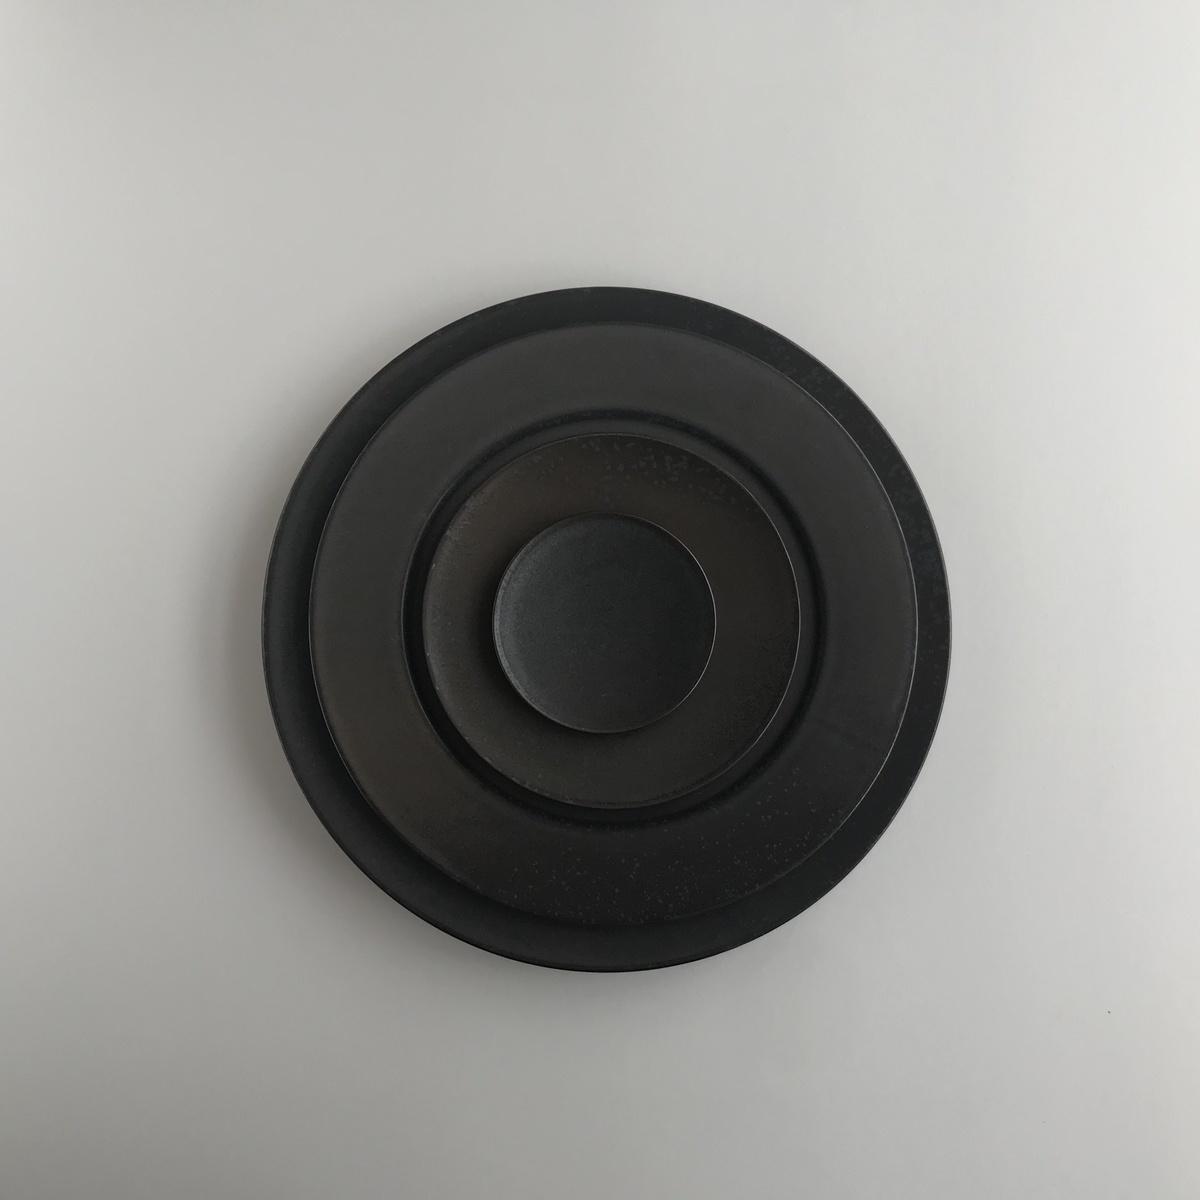 せっ器 plate